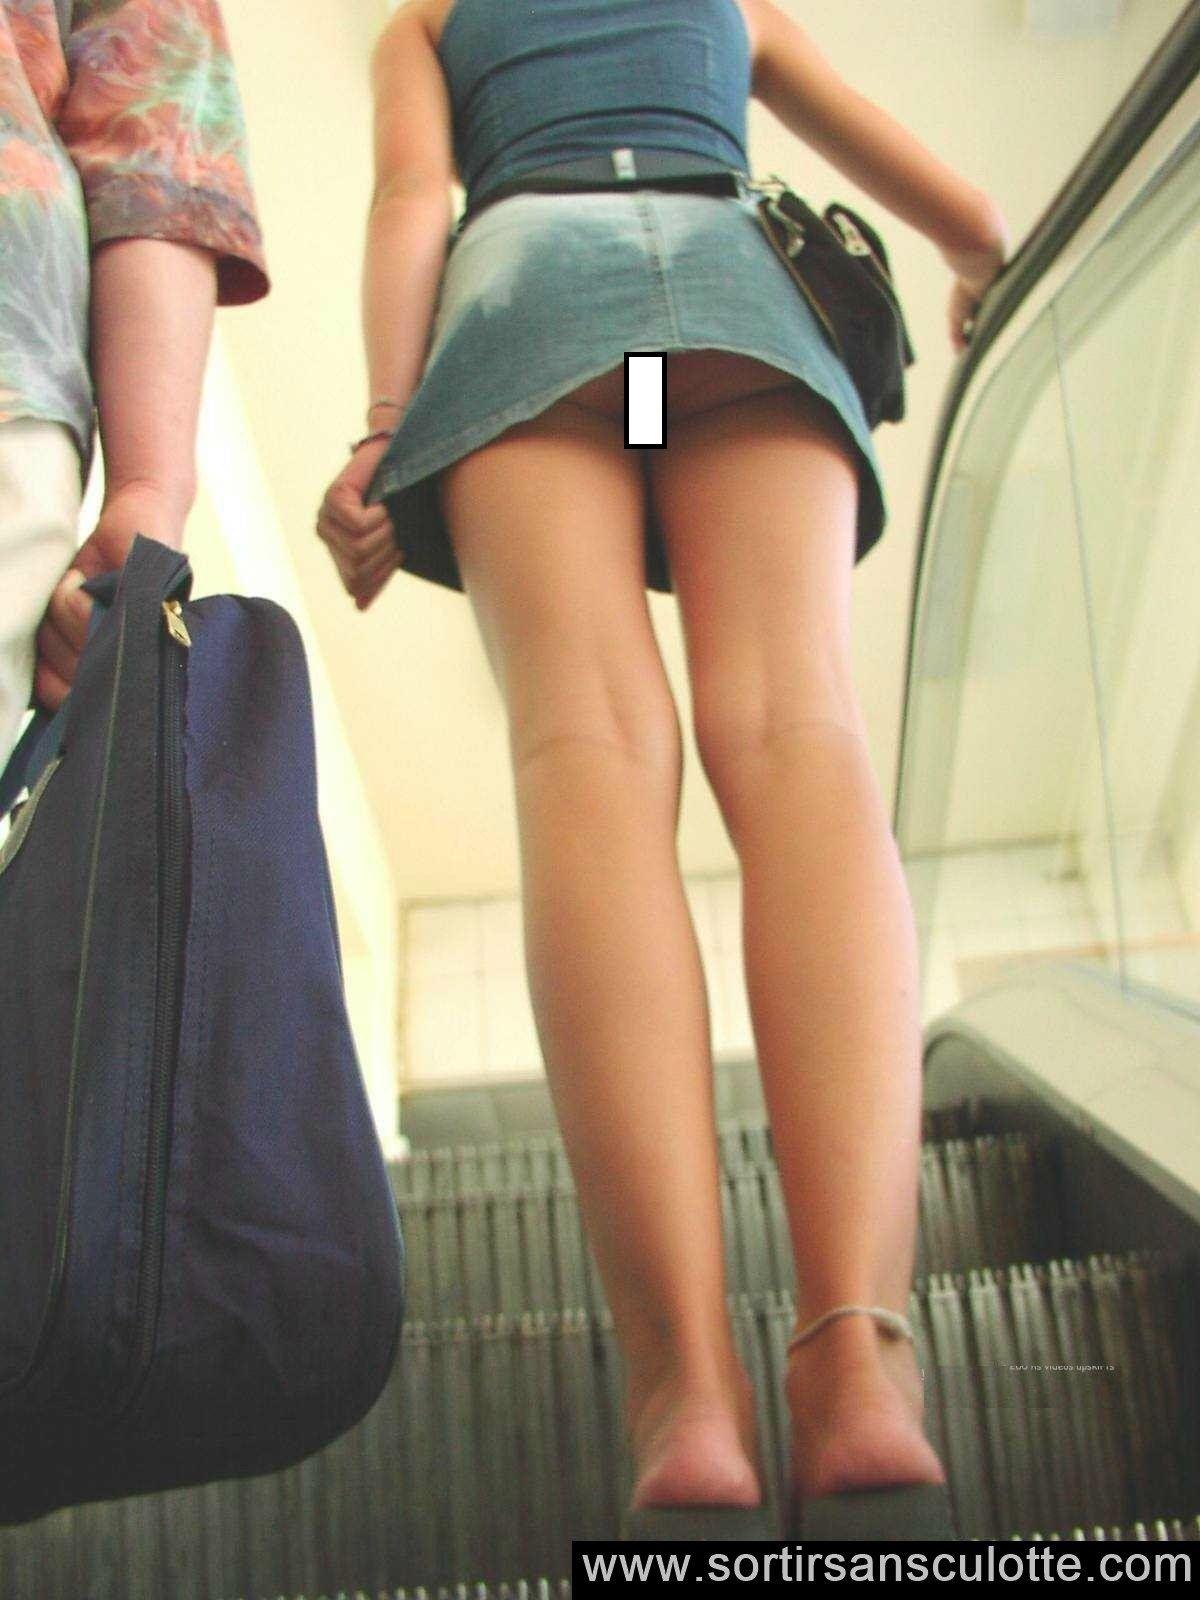 Day orgasm escalator flash upskirt moore getting